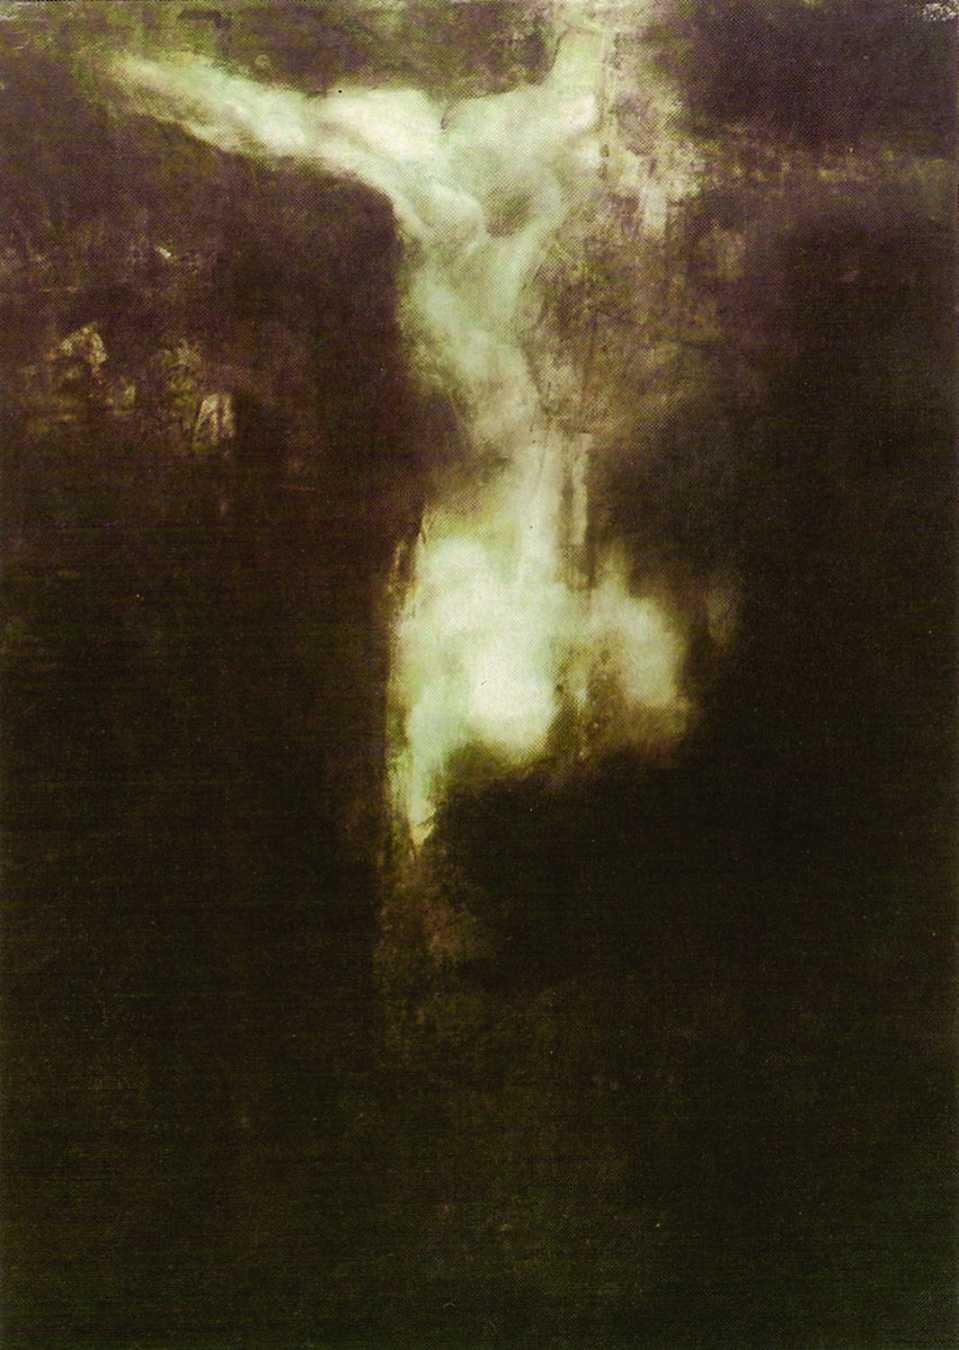 Cím nélkül, 1990, vegyes technika, 100x70 cm